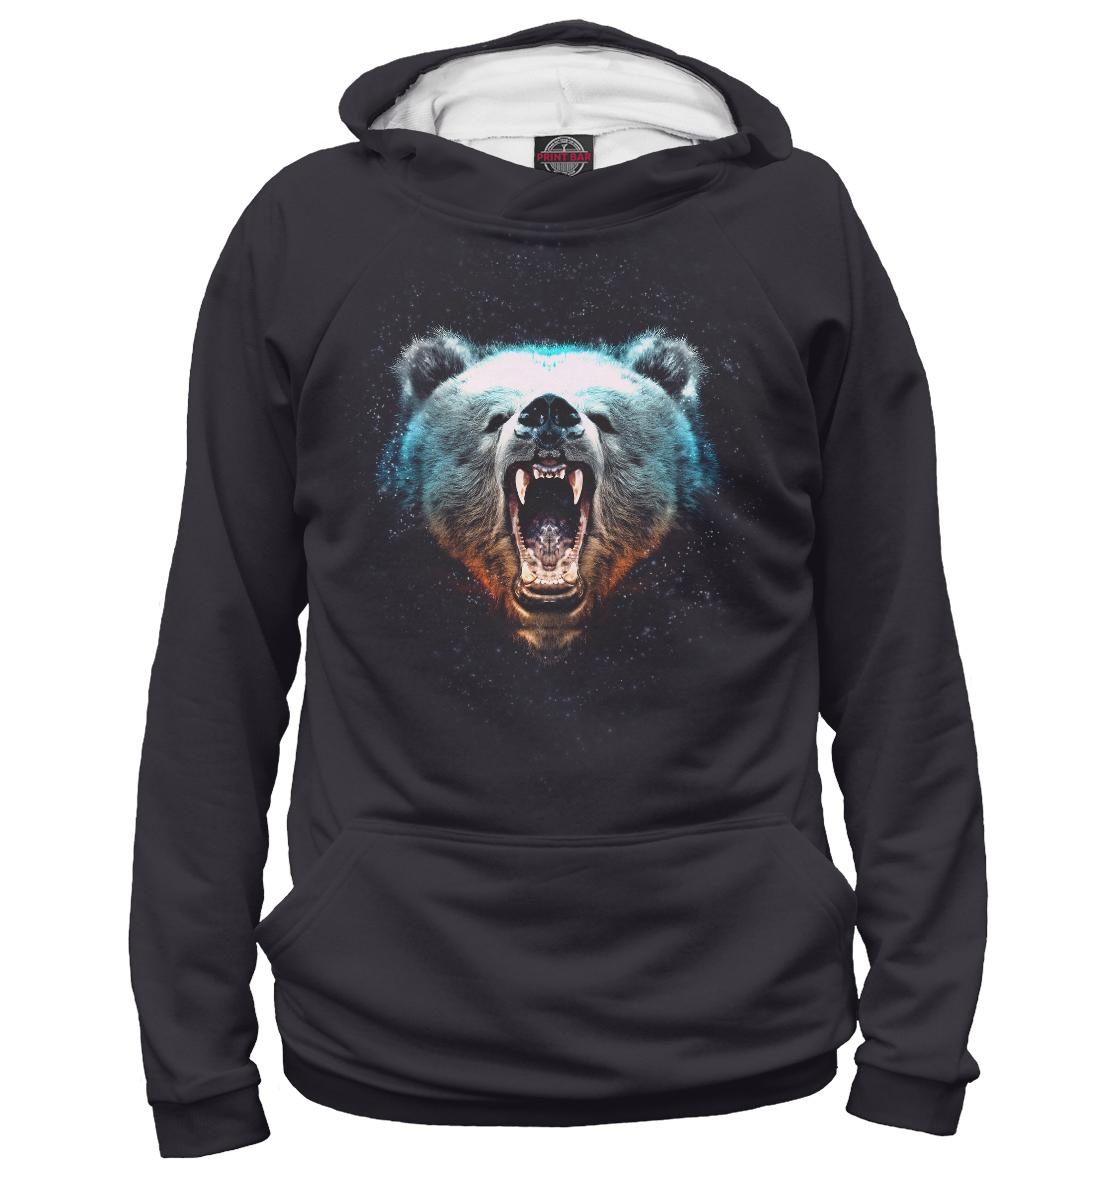 Купить Медведь Звезды, Printbar, Худи, MED-719240-hud-1